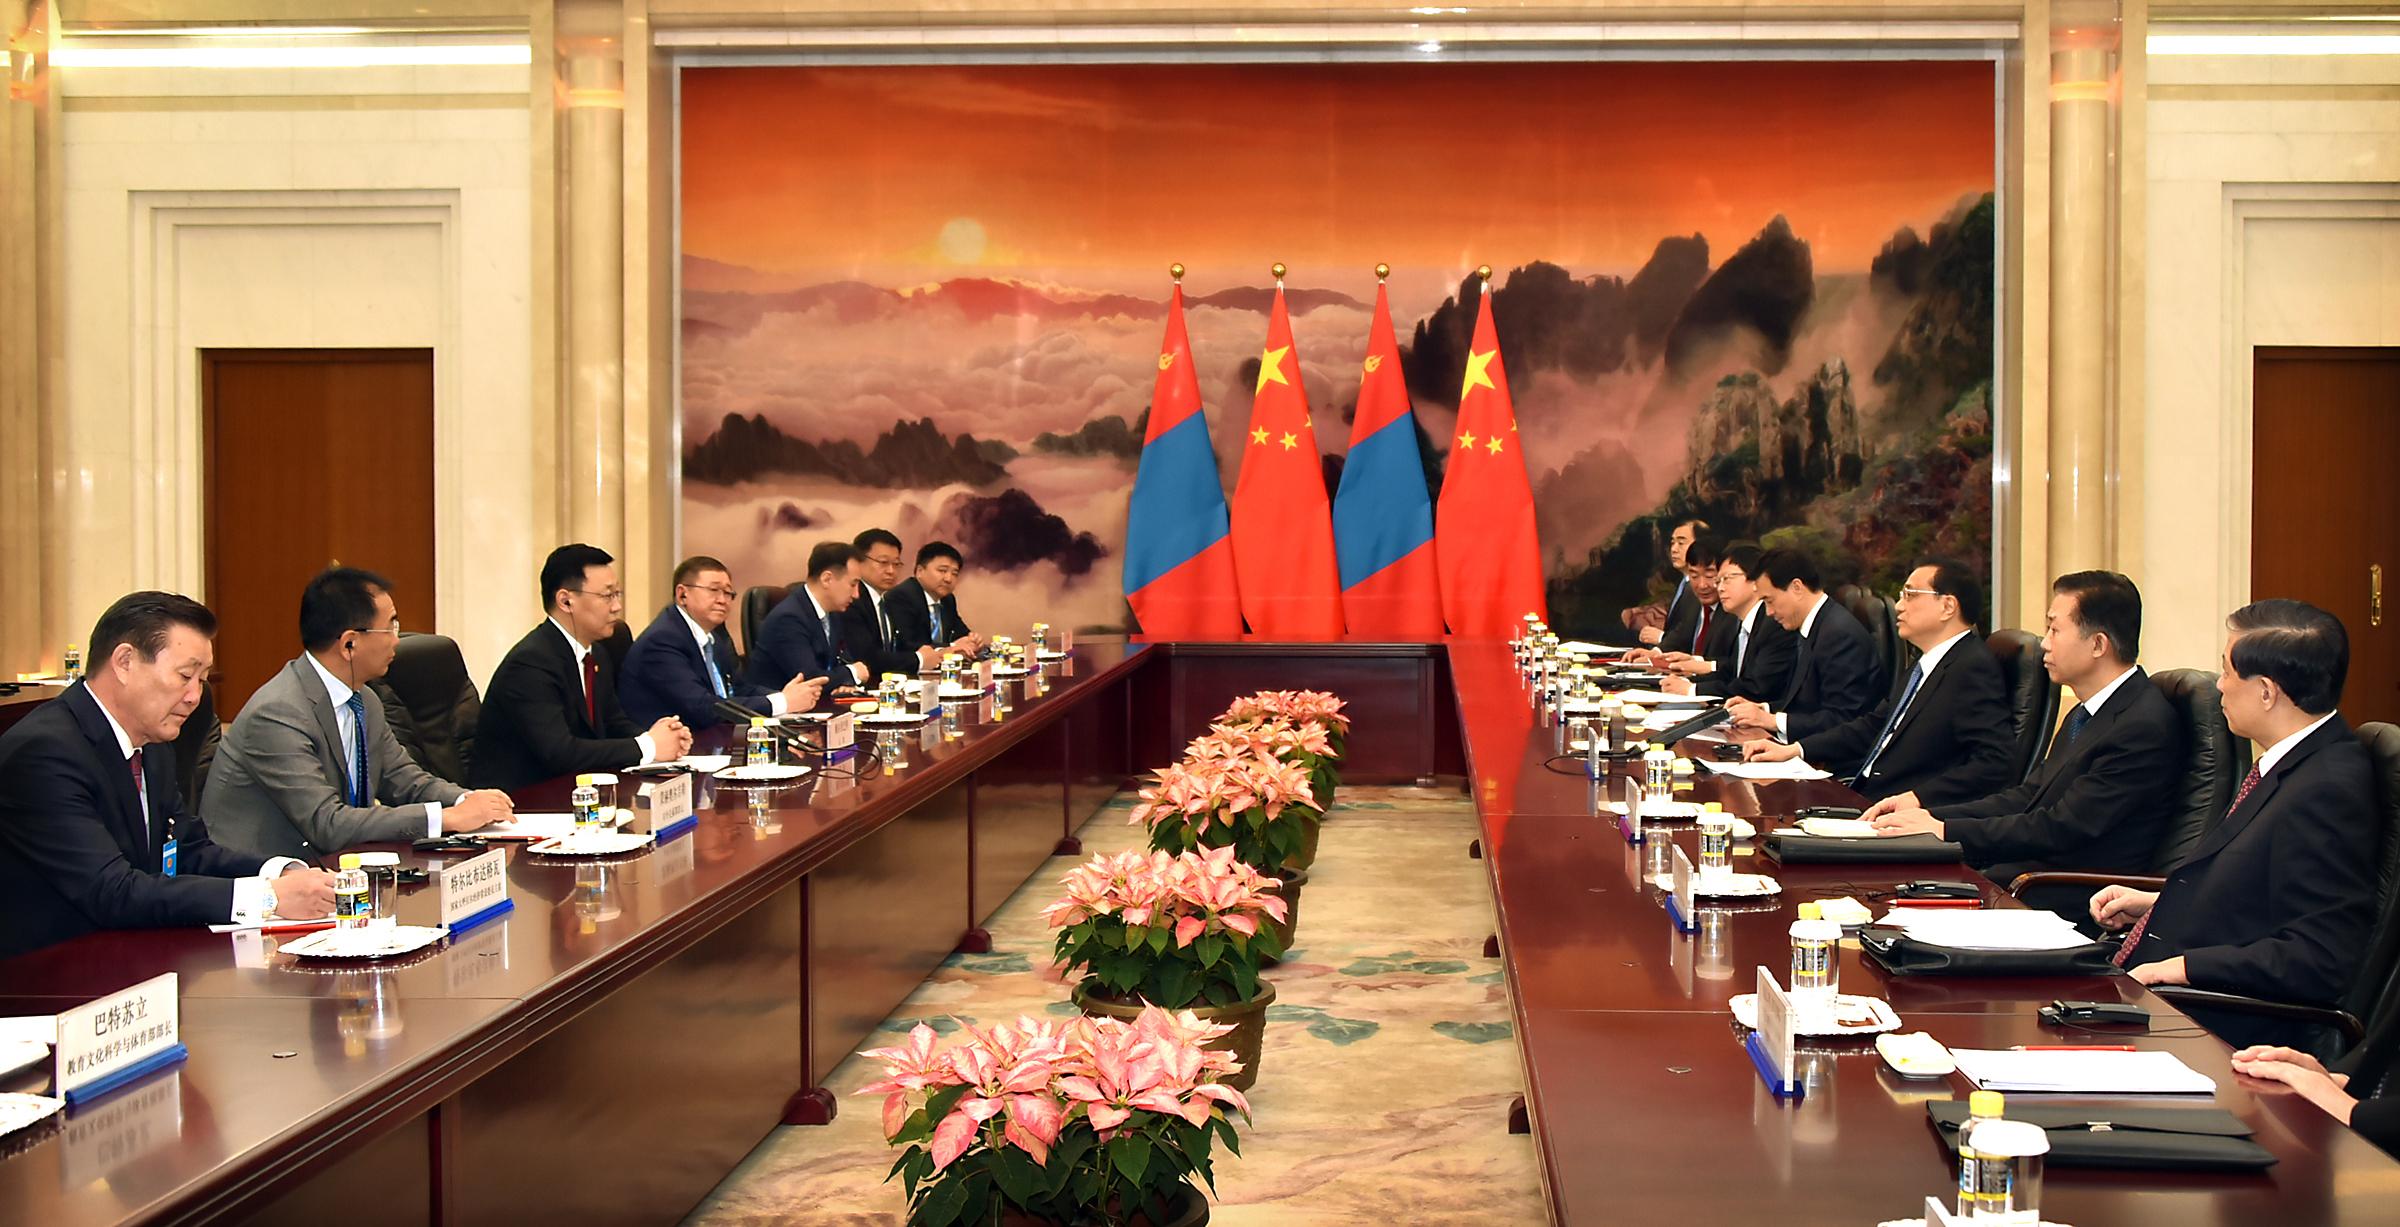 5858aadbe8ea168943364386a3622bcd Монгол Улсын Ерөнхий сайд Ж.Эрдэнэбат, БНХАУ-ын Төрийн Зөвлөлийн Ерөнхий сайд Ли Көчянтай нар албан ёсны хэлэлцээ хийв